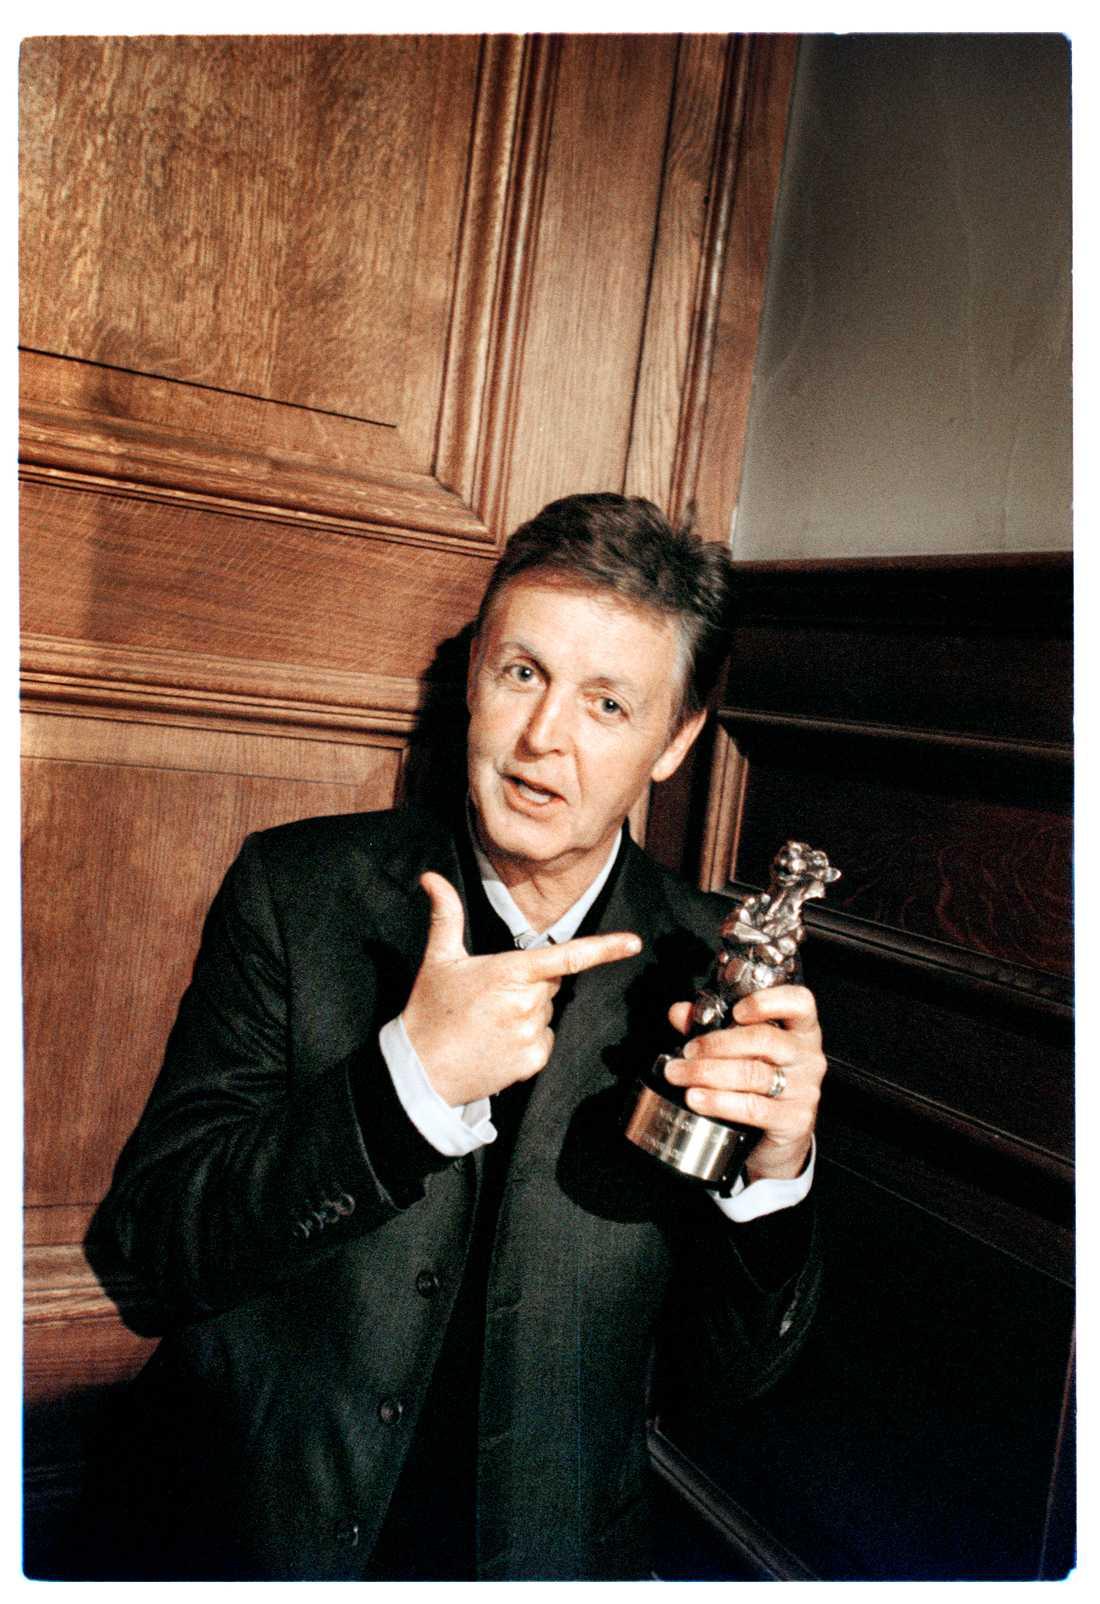 Kom igen nu, det här är stort. 1999 röstade Aftonbladets läsare fram Beatles till århundradets utländska grupp/artist. Rockbjörnen har med andra ord träffat Paul McCartney. Game over.